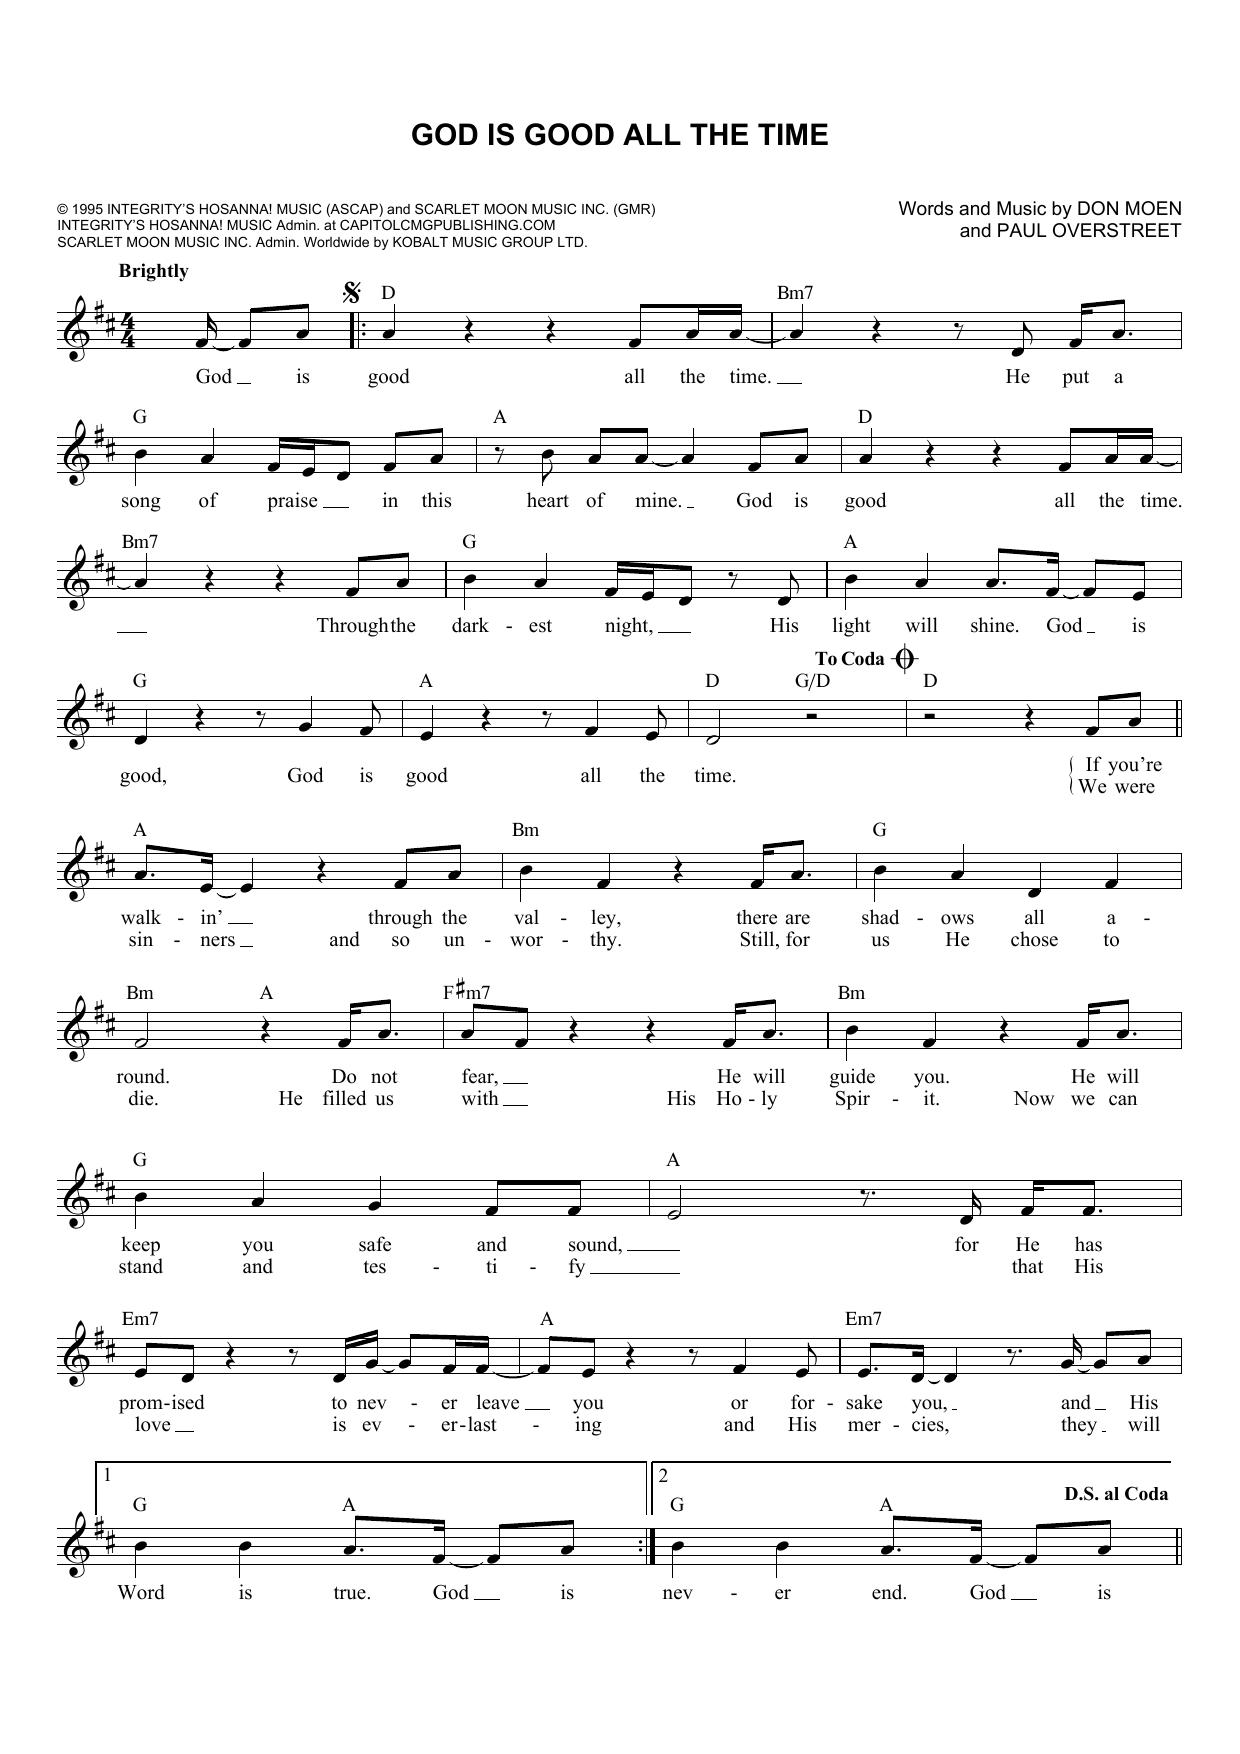 Shout hosanna lyrics